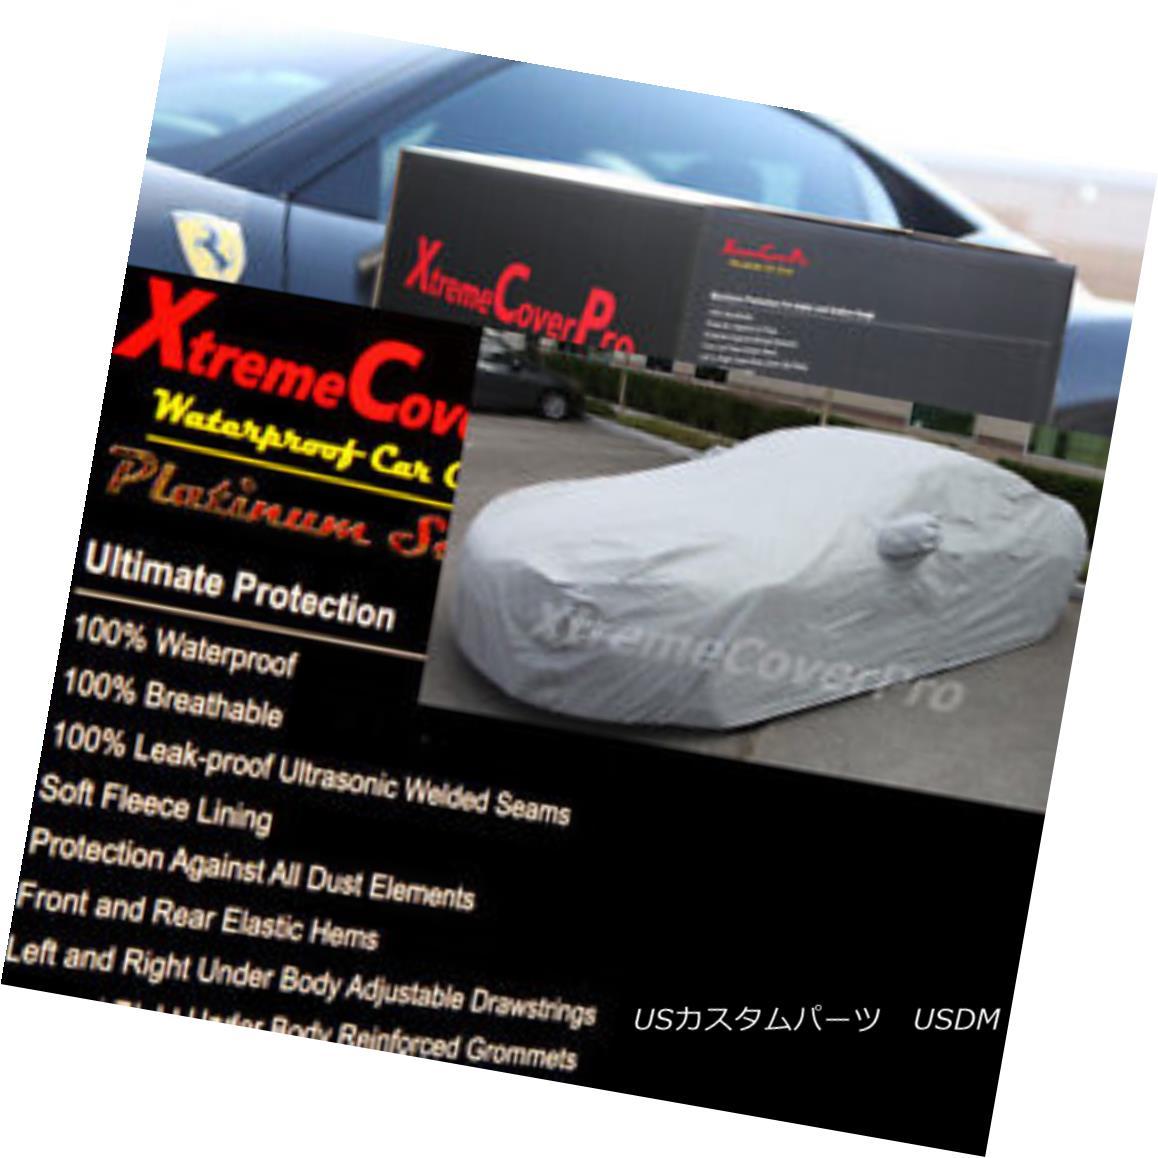 カーカバー 2016 SCION IA WATERPROOF CAR COVER W/MIRROR POCKET -GREY 2016サイオンIAウォータープルーフカーカバー付き/ミラーポケット - グレー